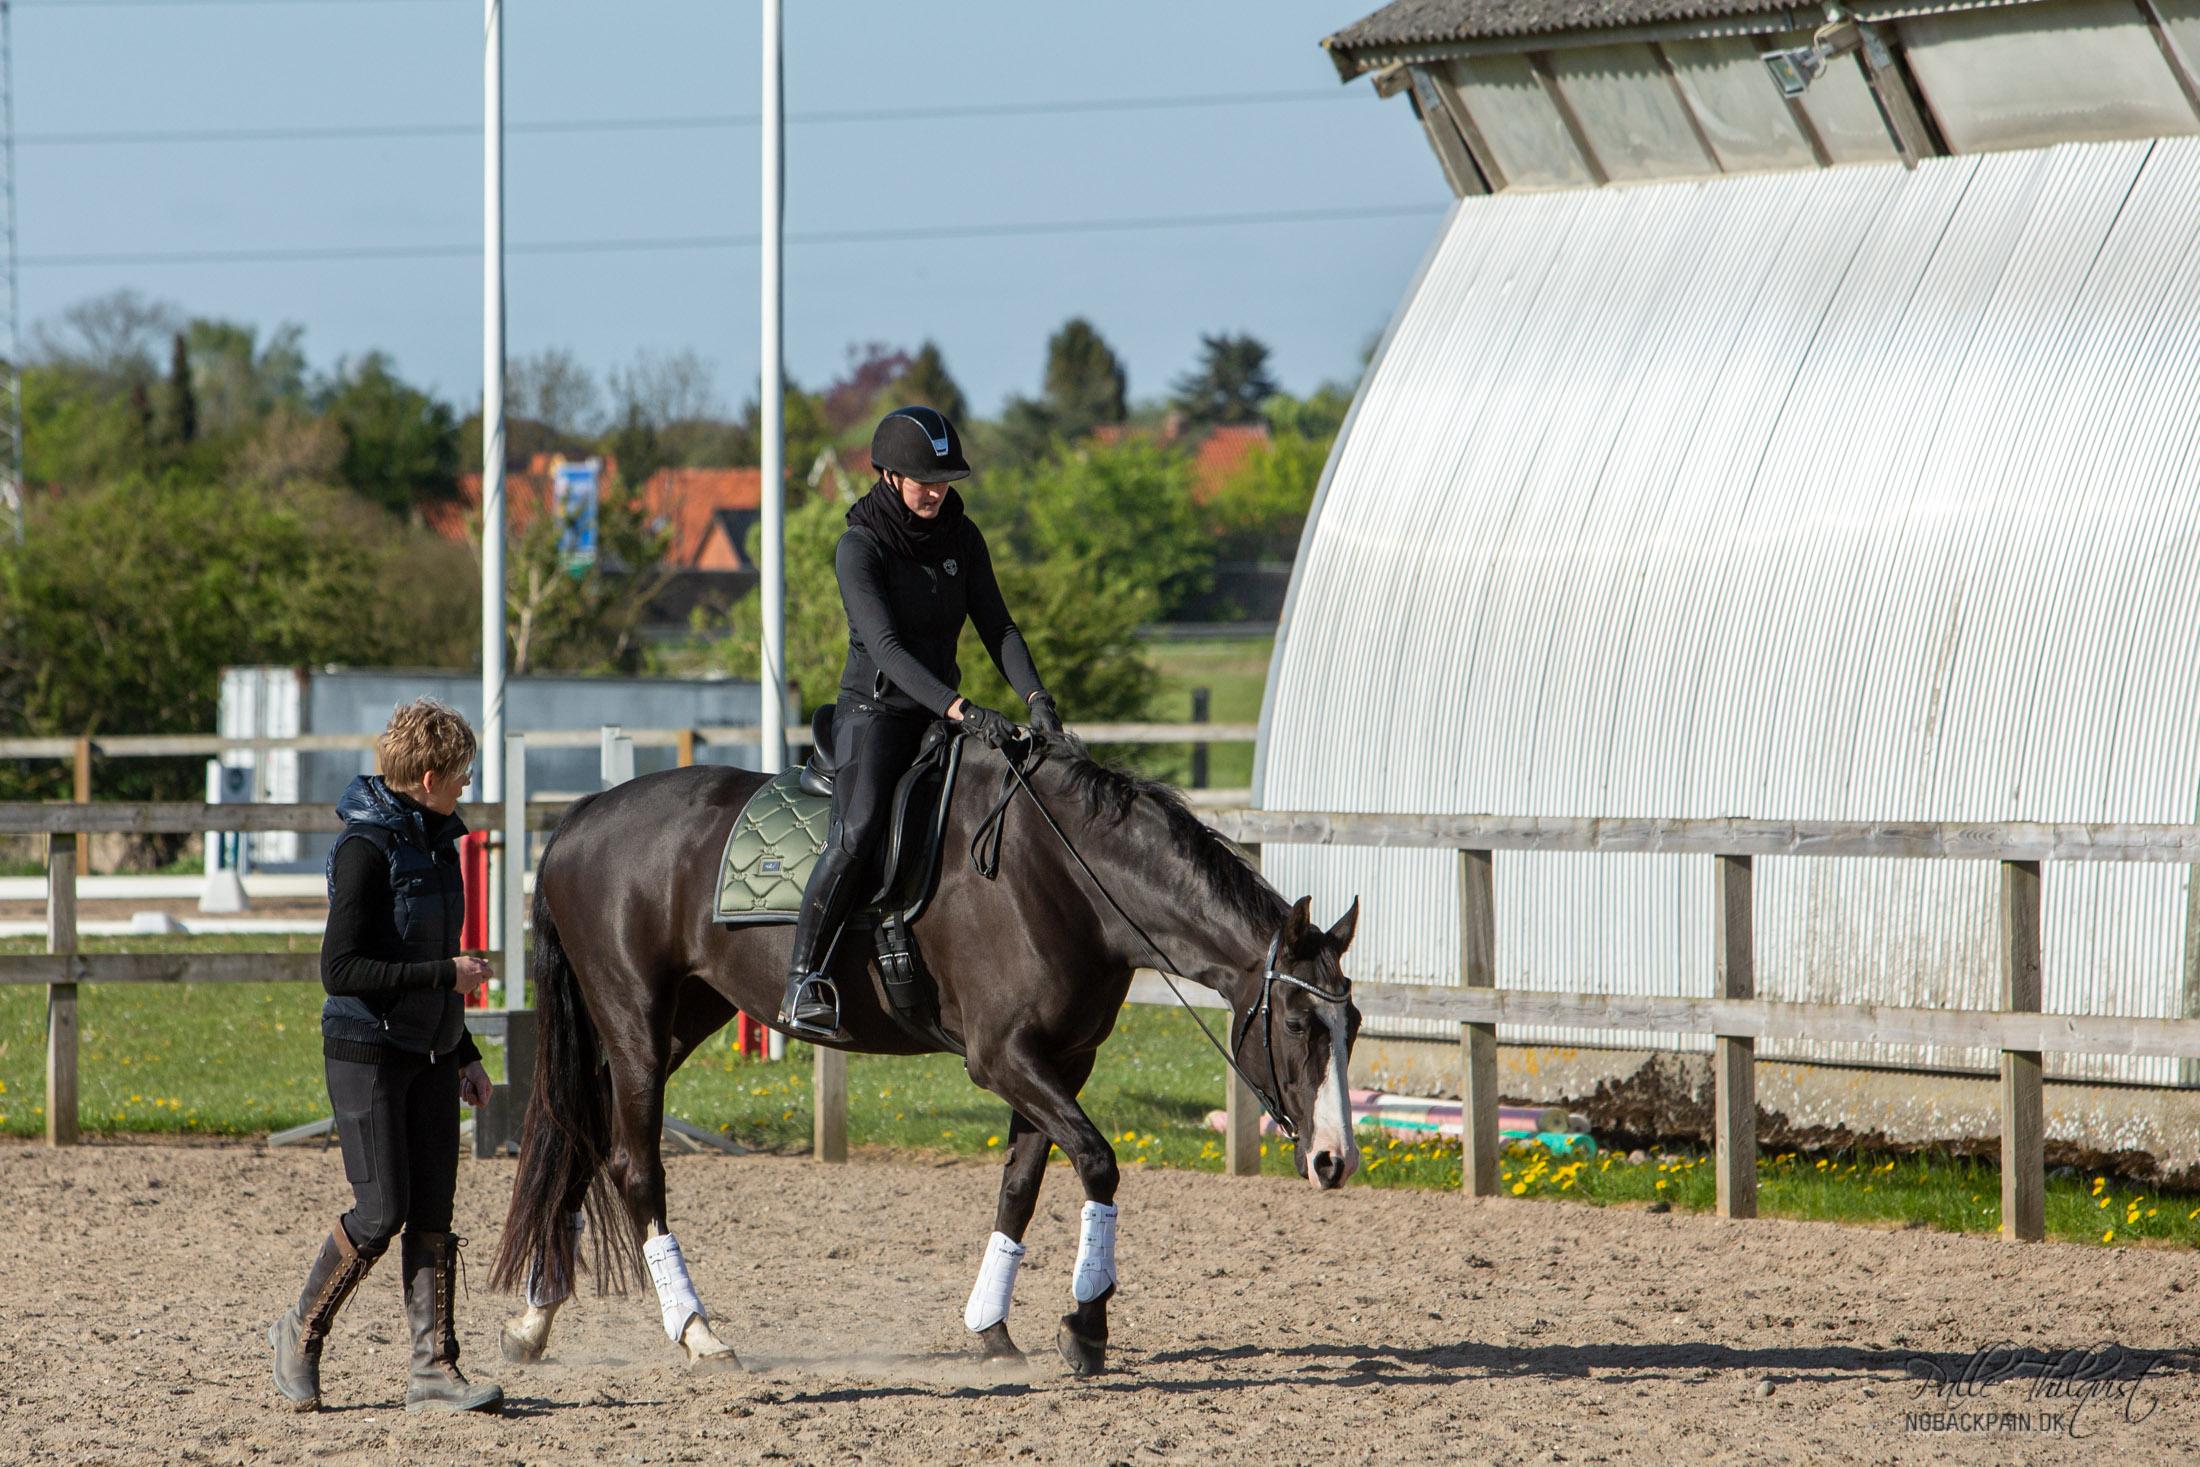 På en 20 meter volte, skal hesten nærmest være ligeudrettet. Der er altså ingen grund til at fokusere på bøjning her. I stedet bør man fokusere på at hesten holder hoved og hals i en lige position imellem forbenene.